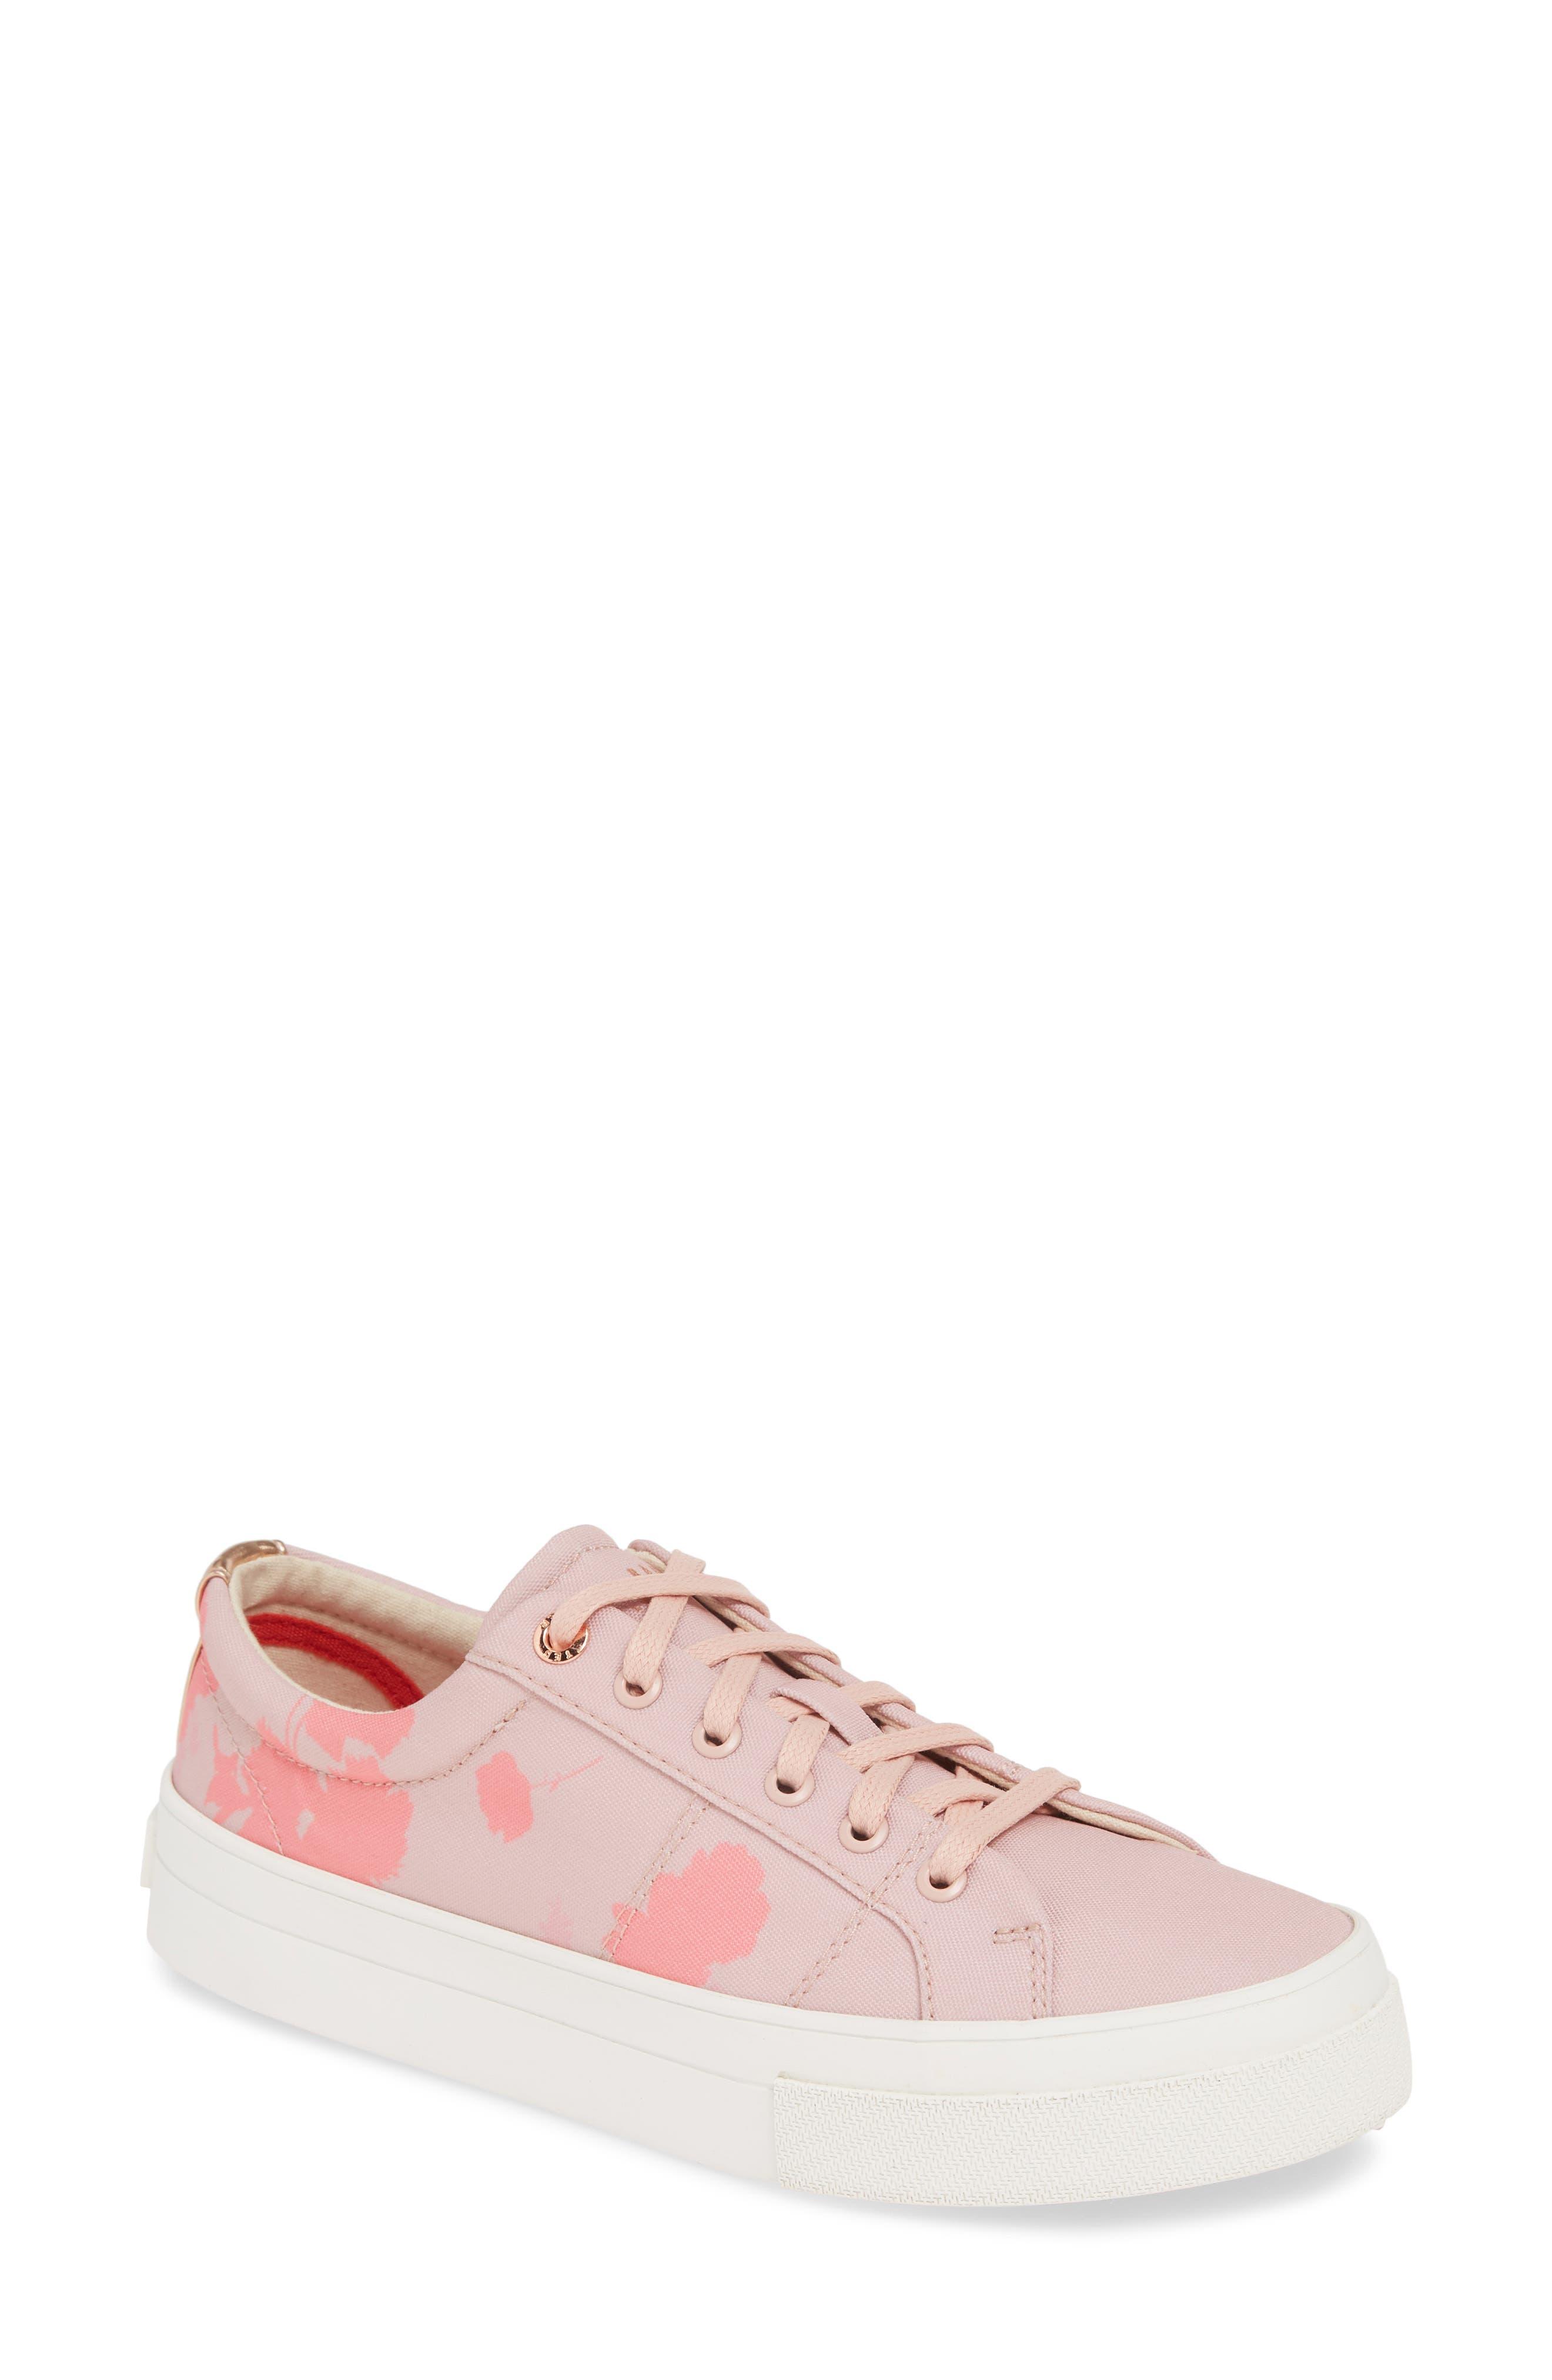 Ted Baker London Ephie Floral Print Platform Sneaker, Pink